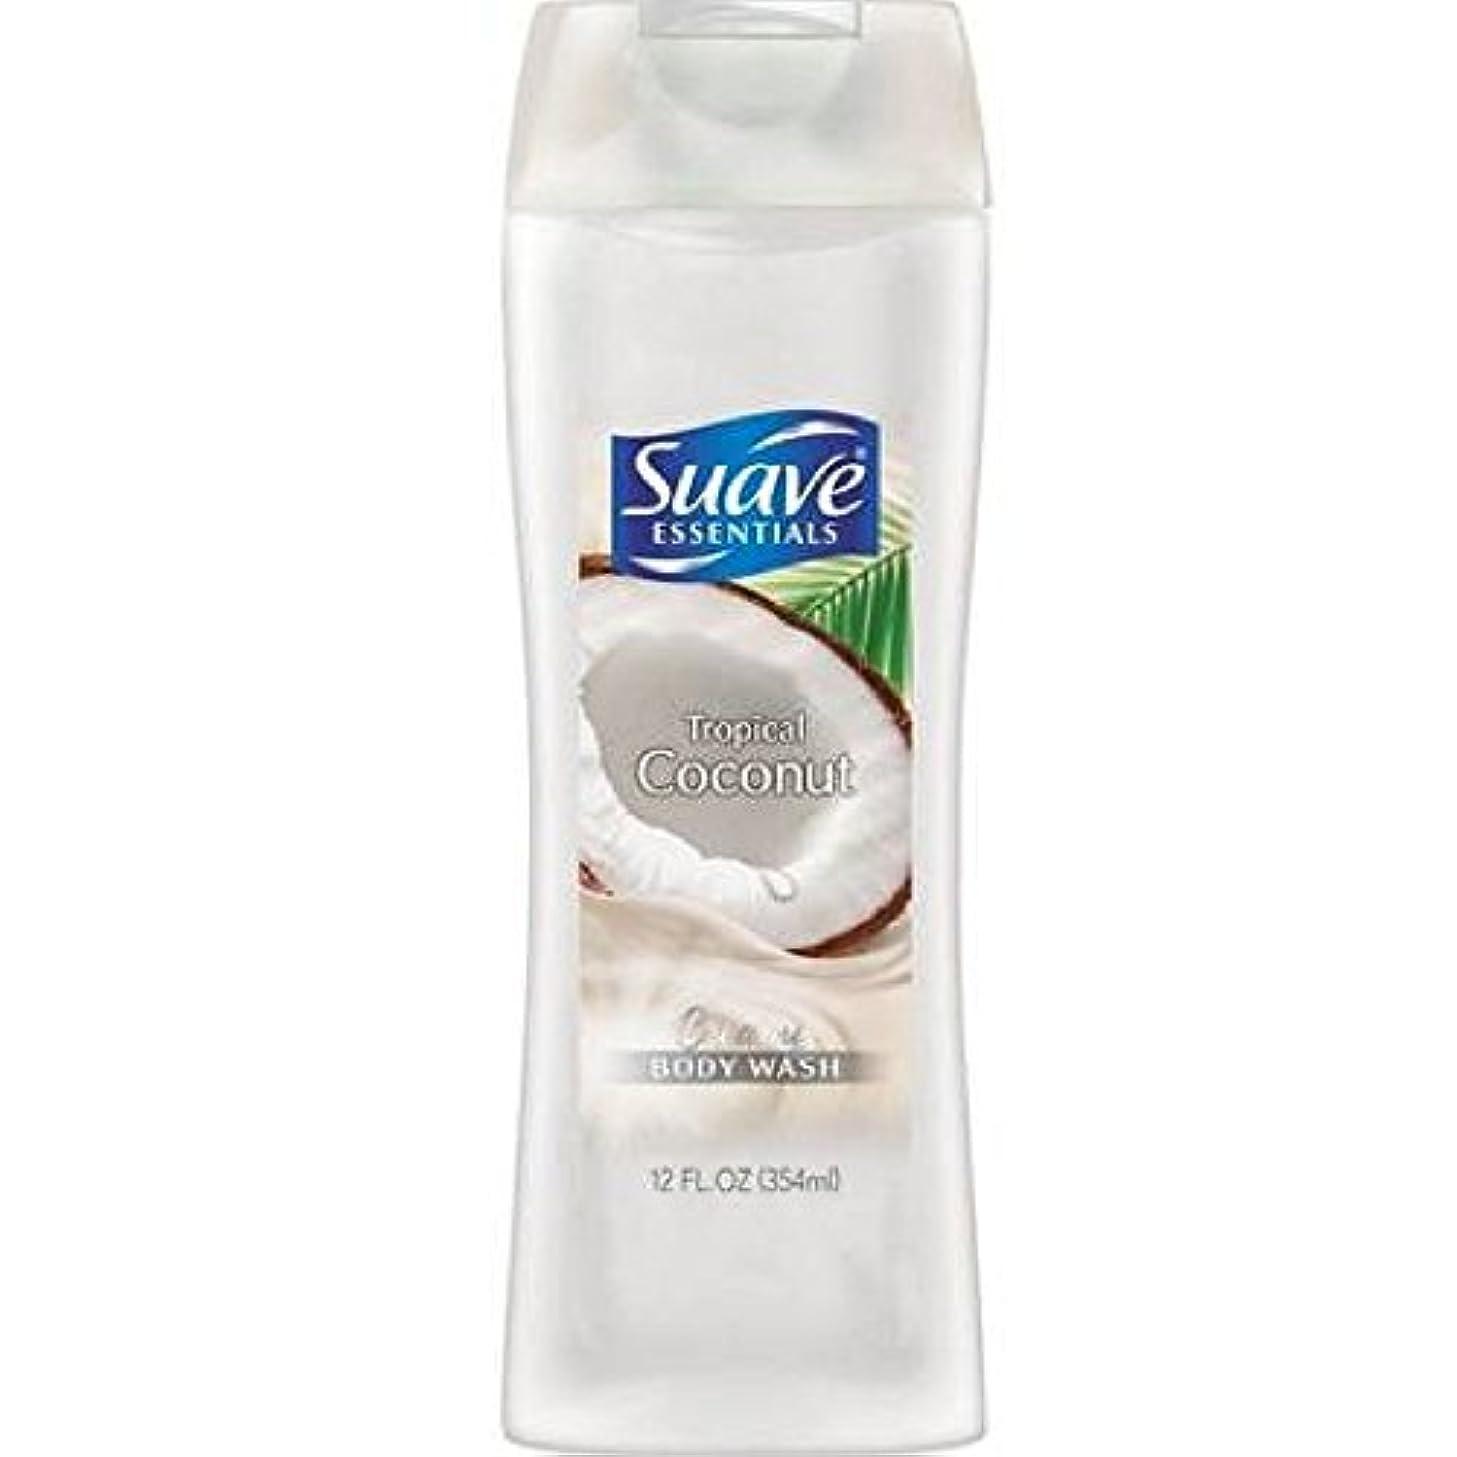 タイル冷蔵庫たらいSuave Naturals Body Wash - Tropical Coconut - 12 oz - 2 pk by Suave [並行輸入品]